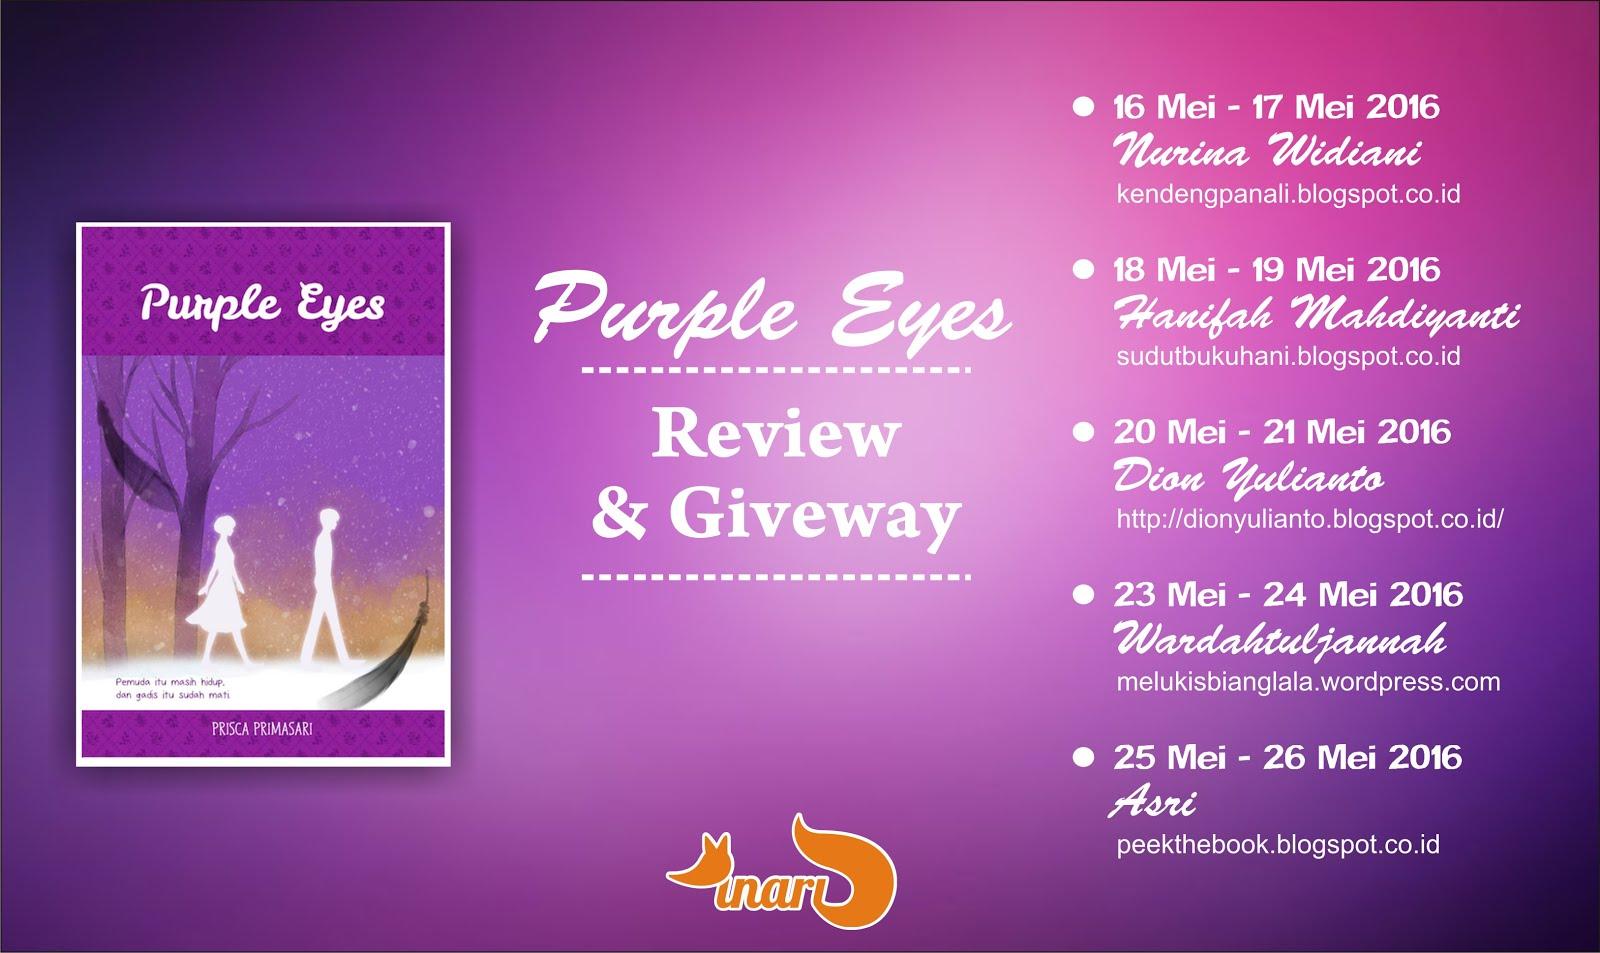 Blogtour Purple Eyes (16-17 Mei 2016)